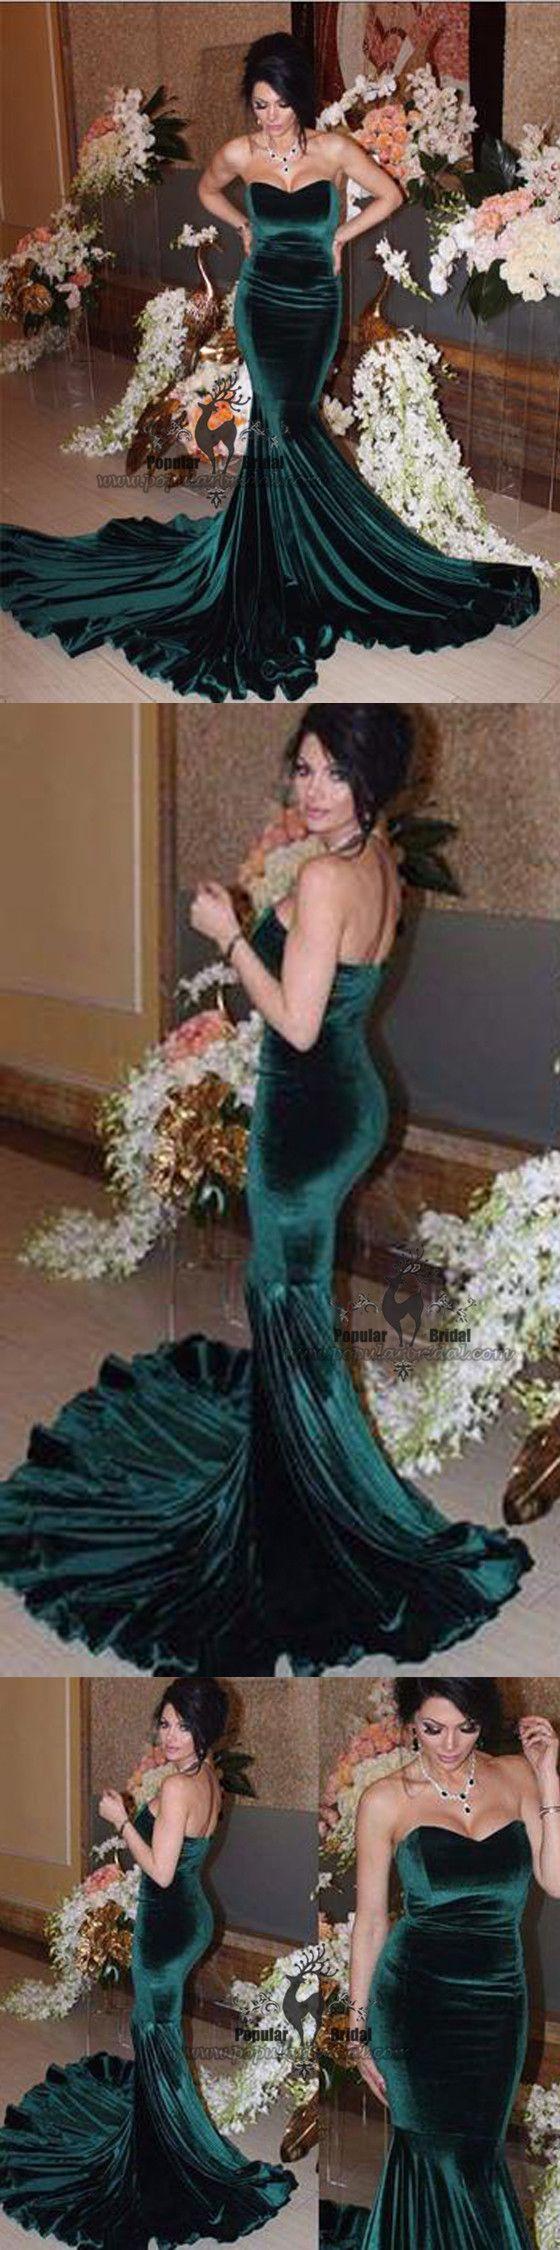 Sweetheart green velvet mermaid long prom dresses formal evening